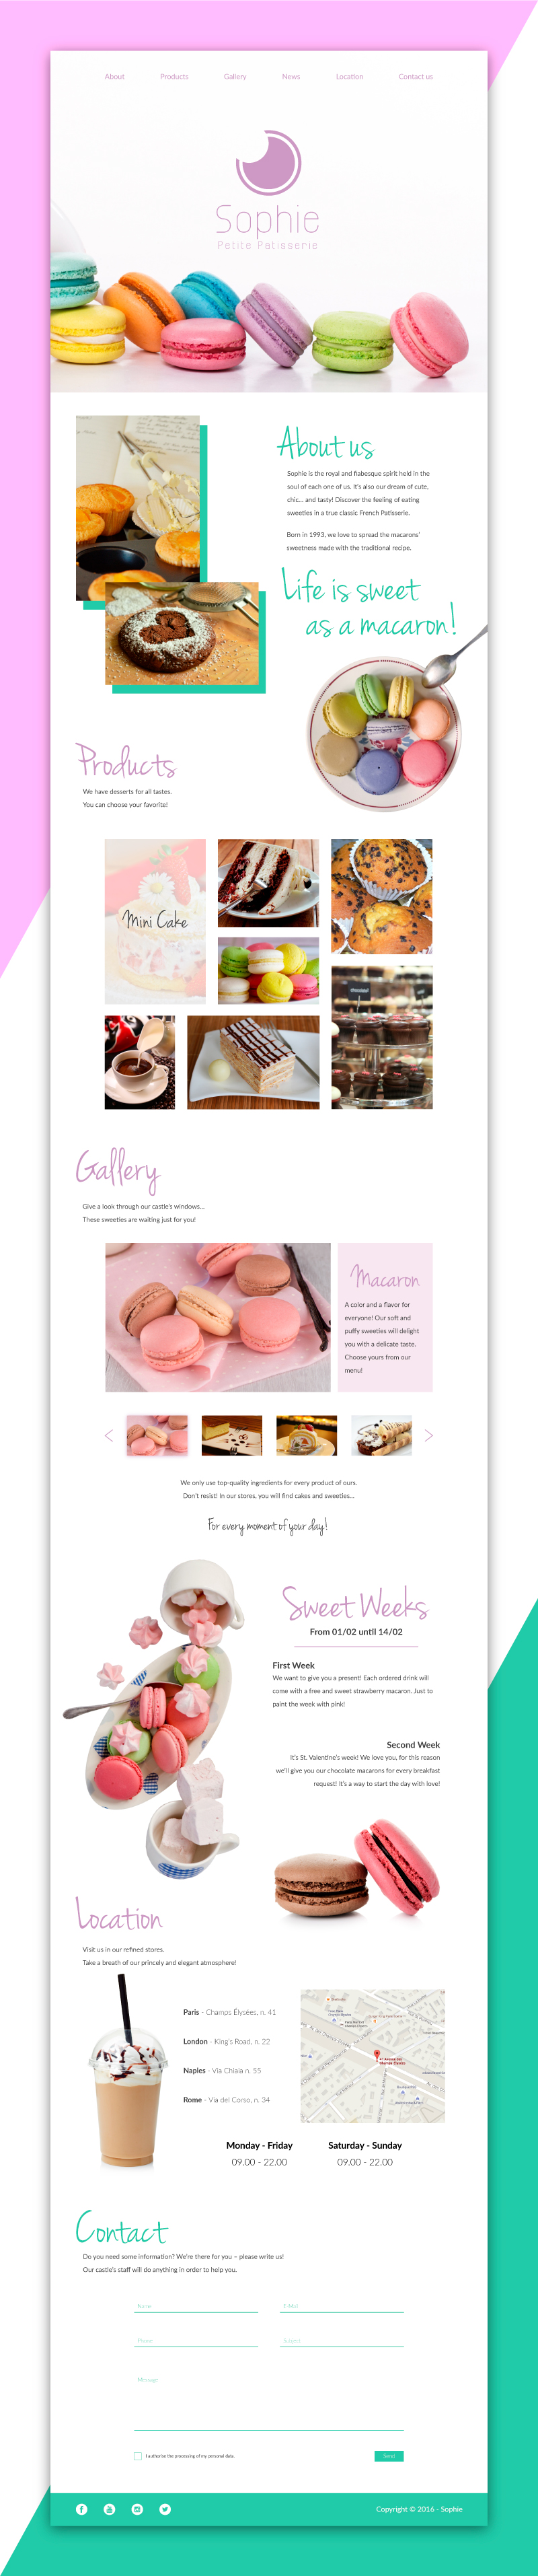 Sito web Portfolio - Pasticceria e dolci - Sito completo